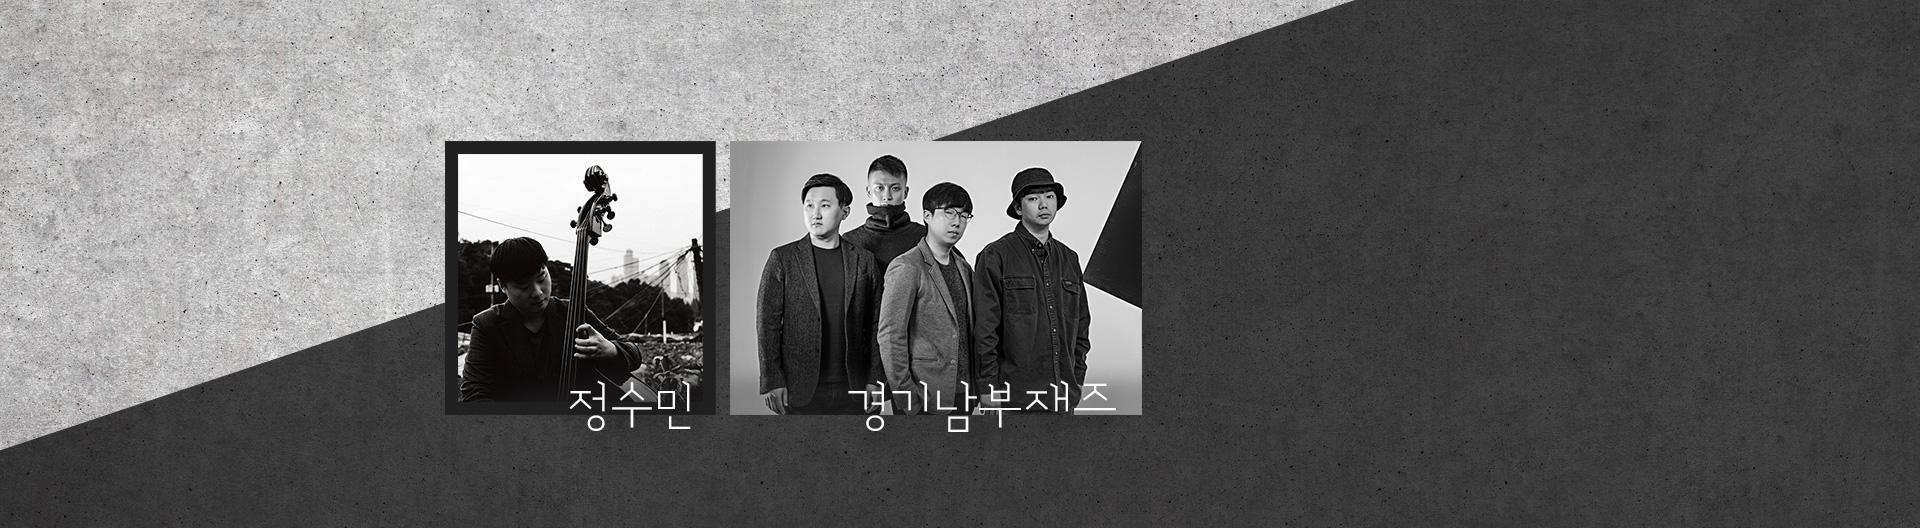 정수민 X 경기남부재즈